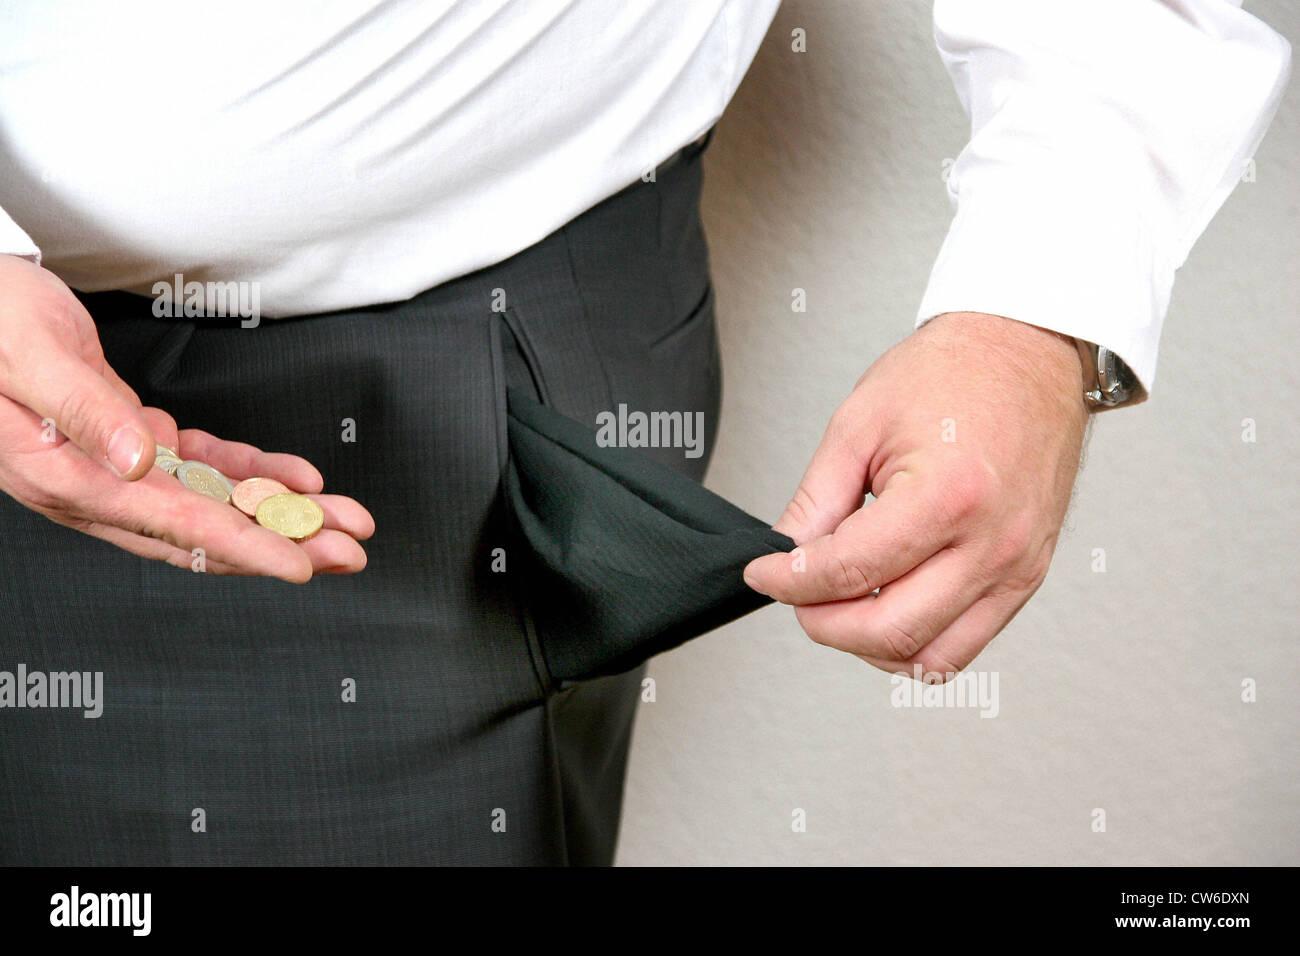 Vide poche du pantalon Photo Stock